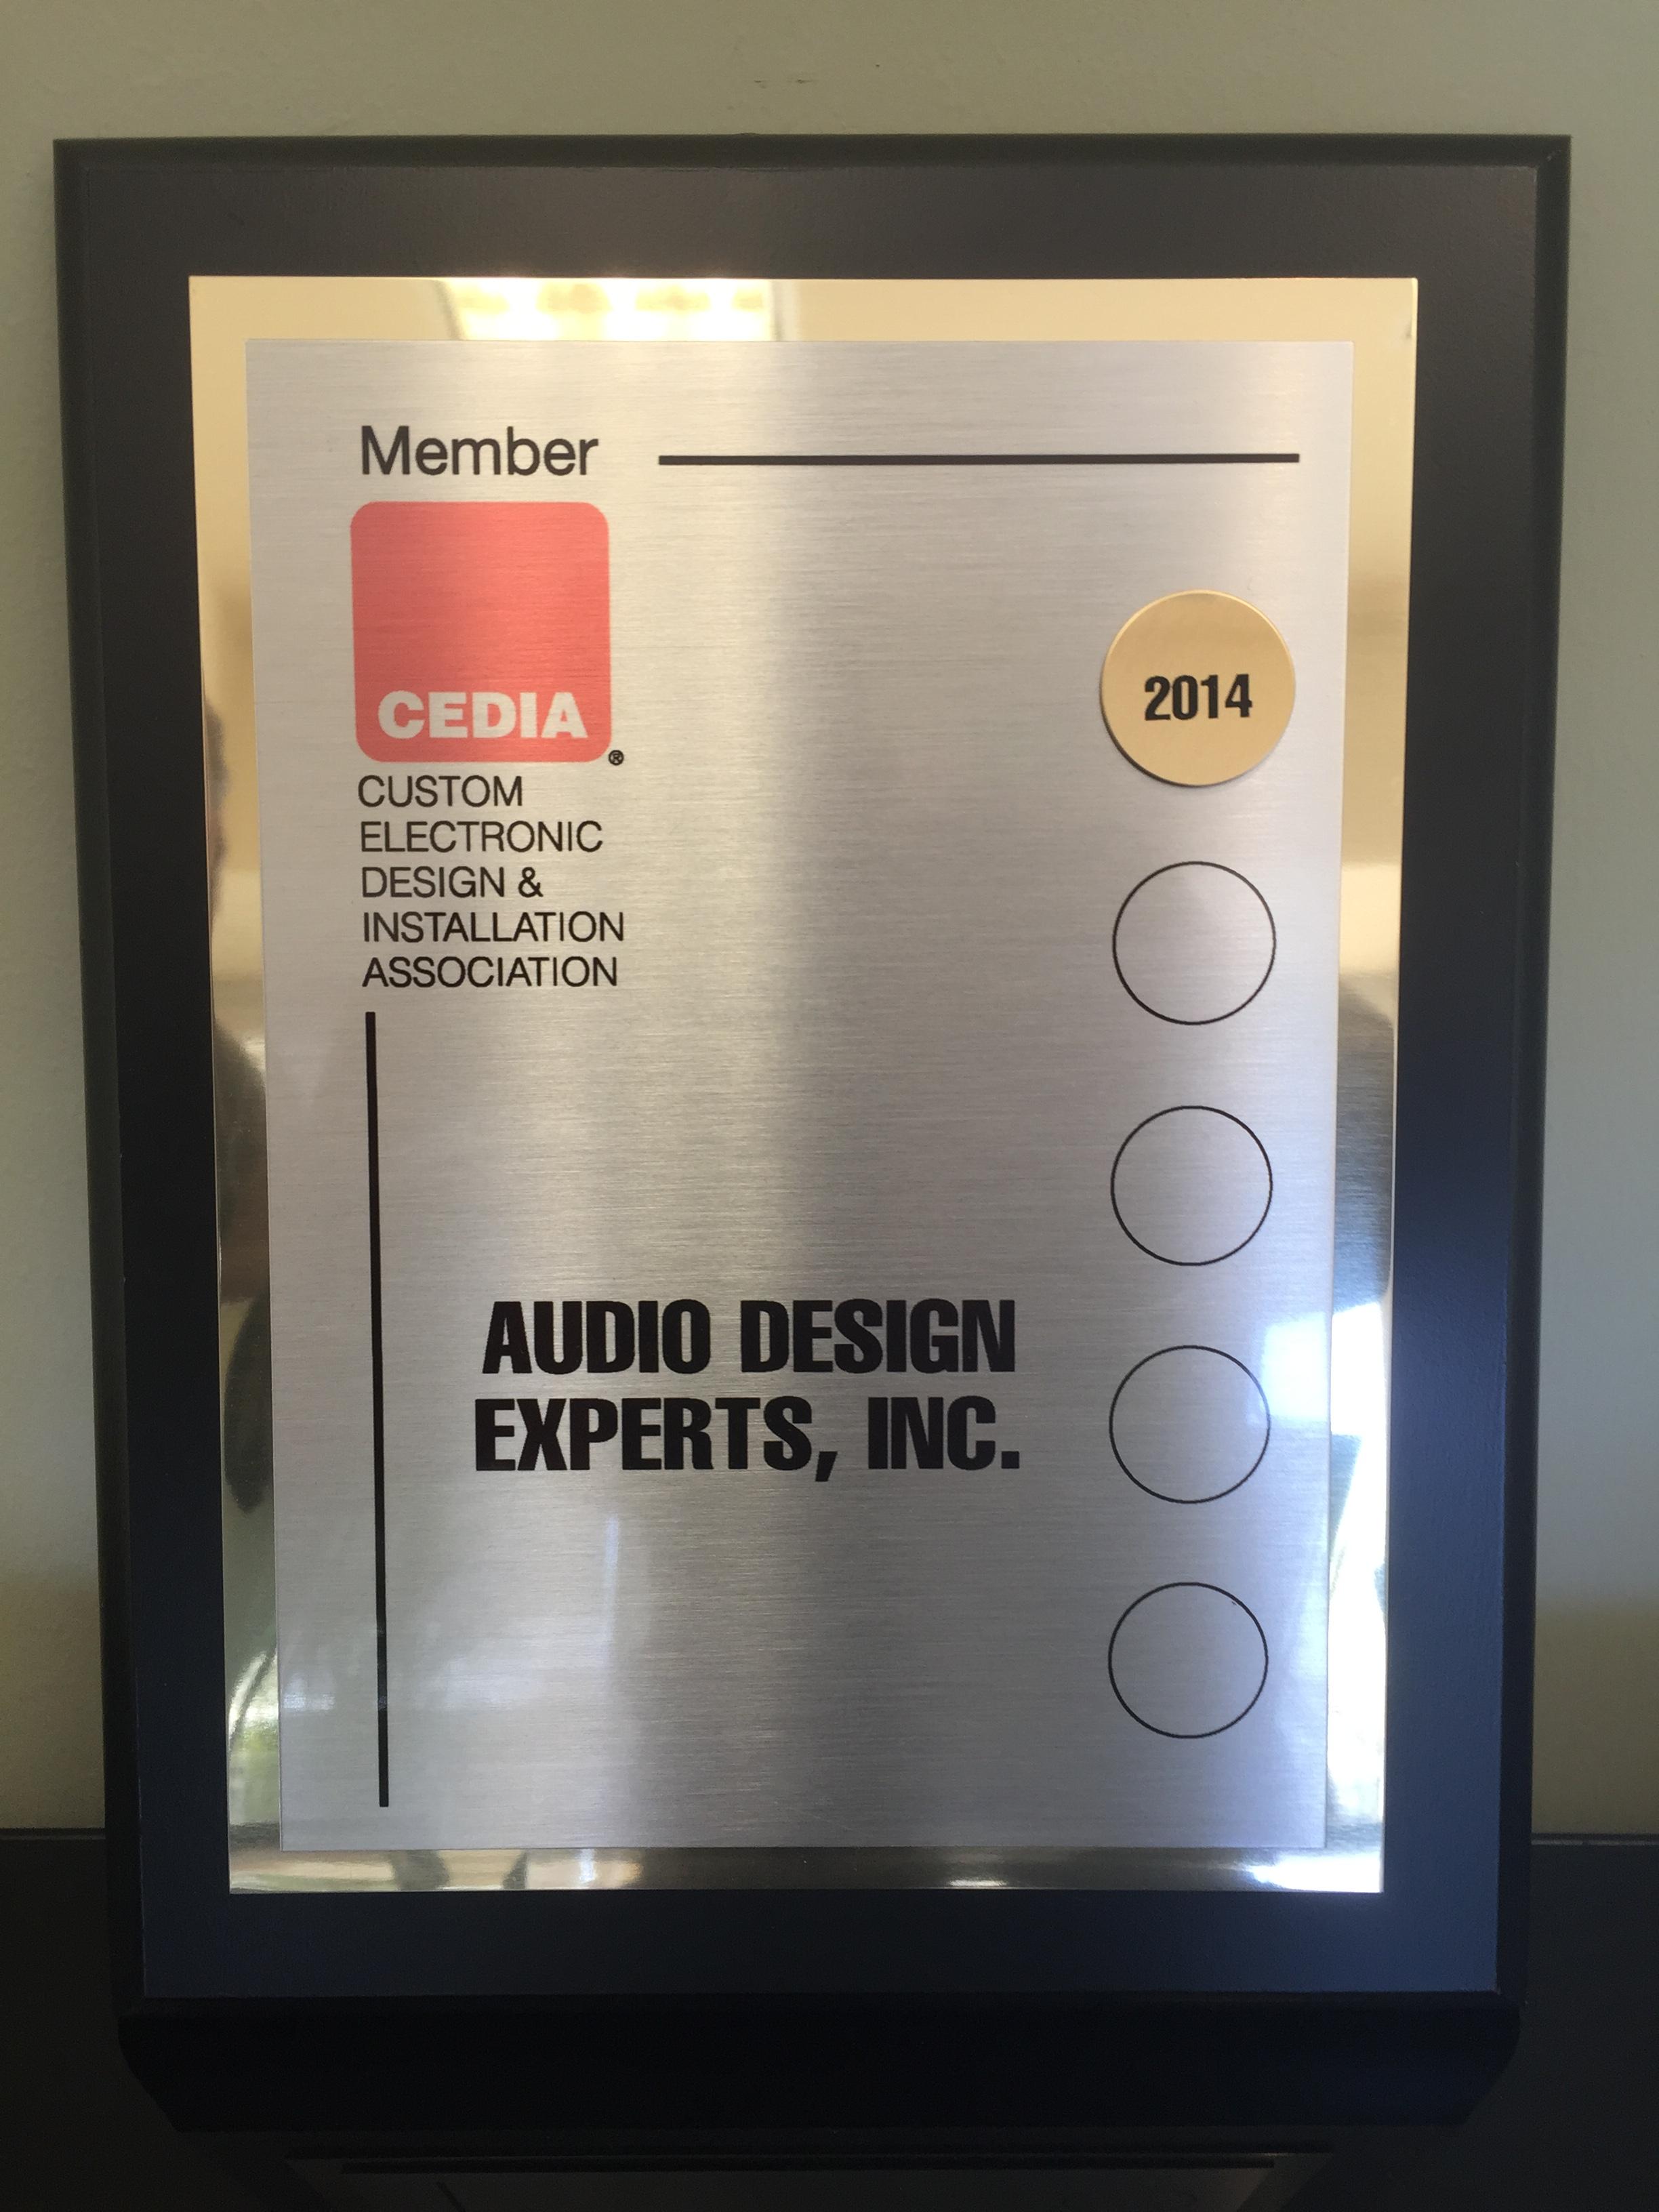 adx audio design experts